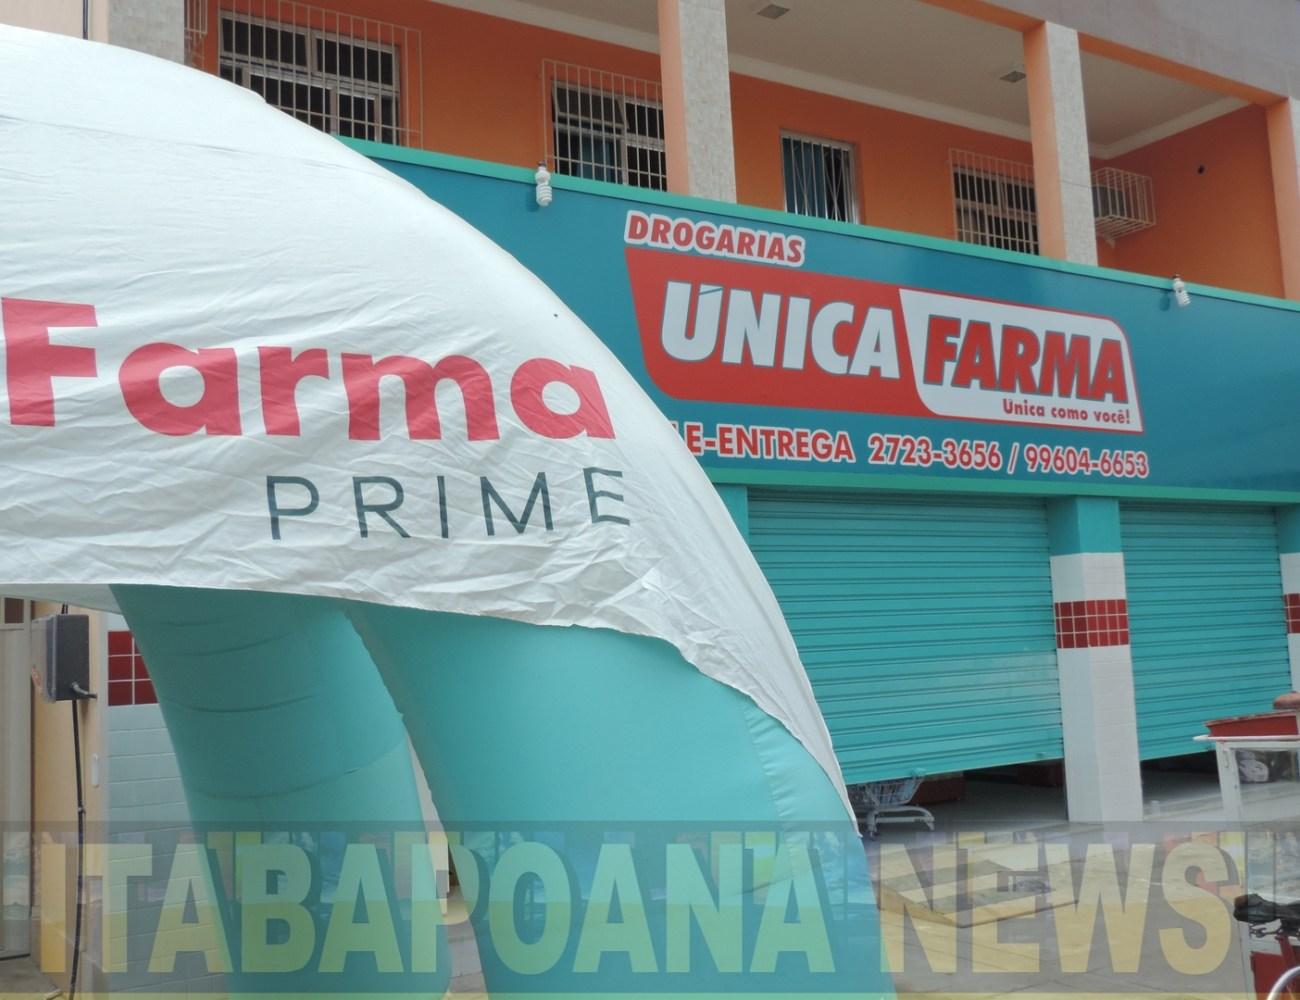 Vídeo – A rede de drogarias Única Farma, inaugura mais uma loja, agora em Bom Jesus do Itabapoana.